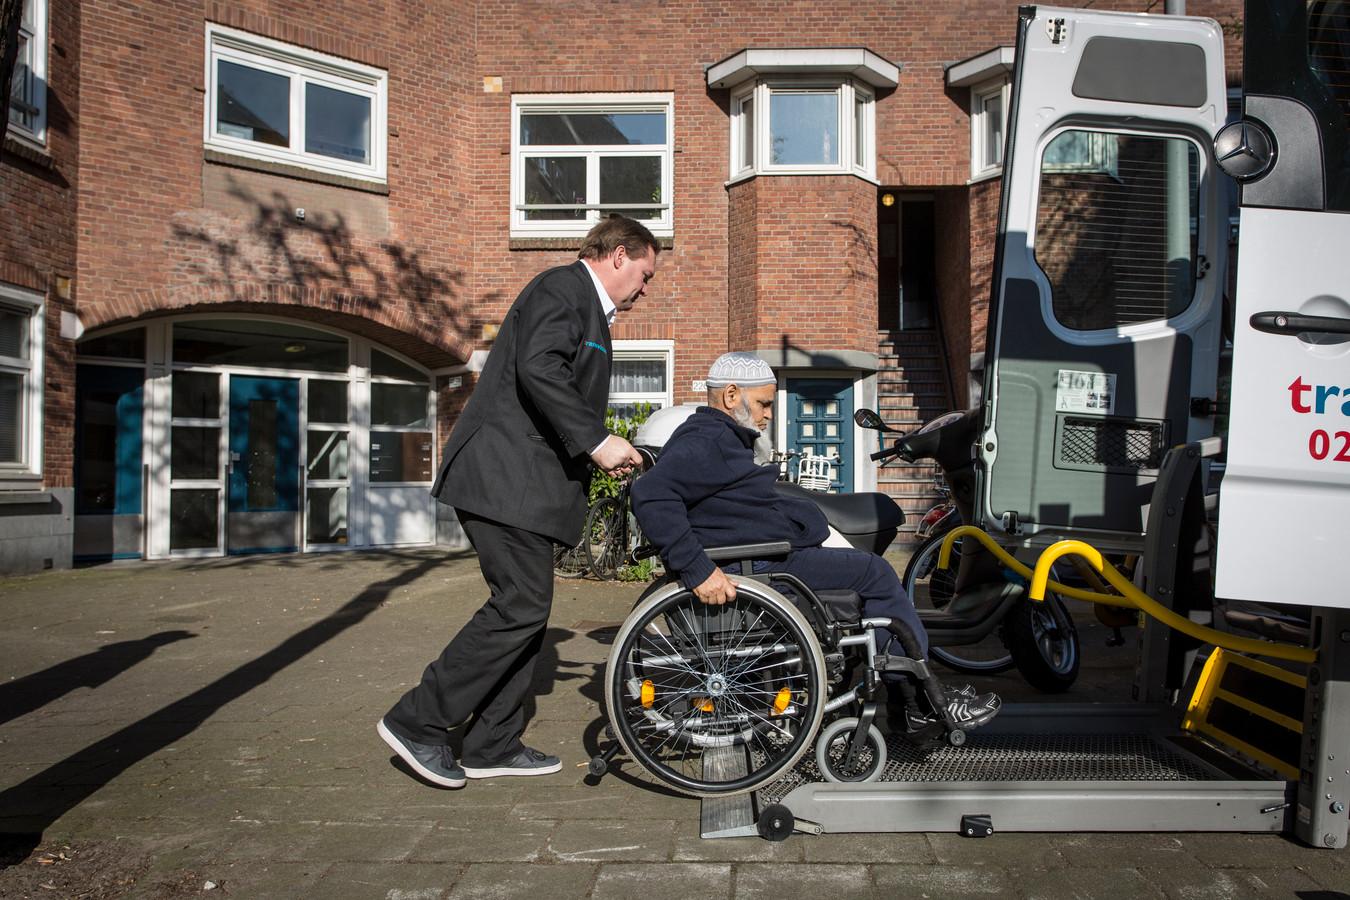 Transvision voert het speciale vervoer in opdracht van de overheid tijdelijk uit.